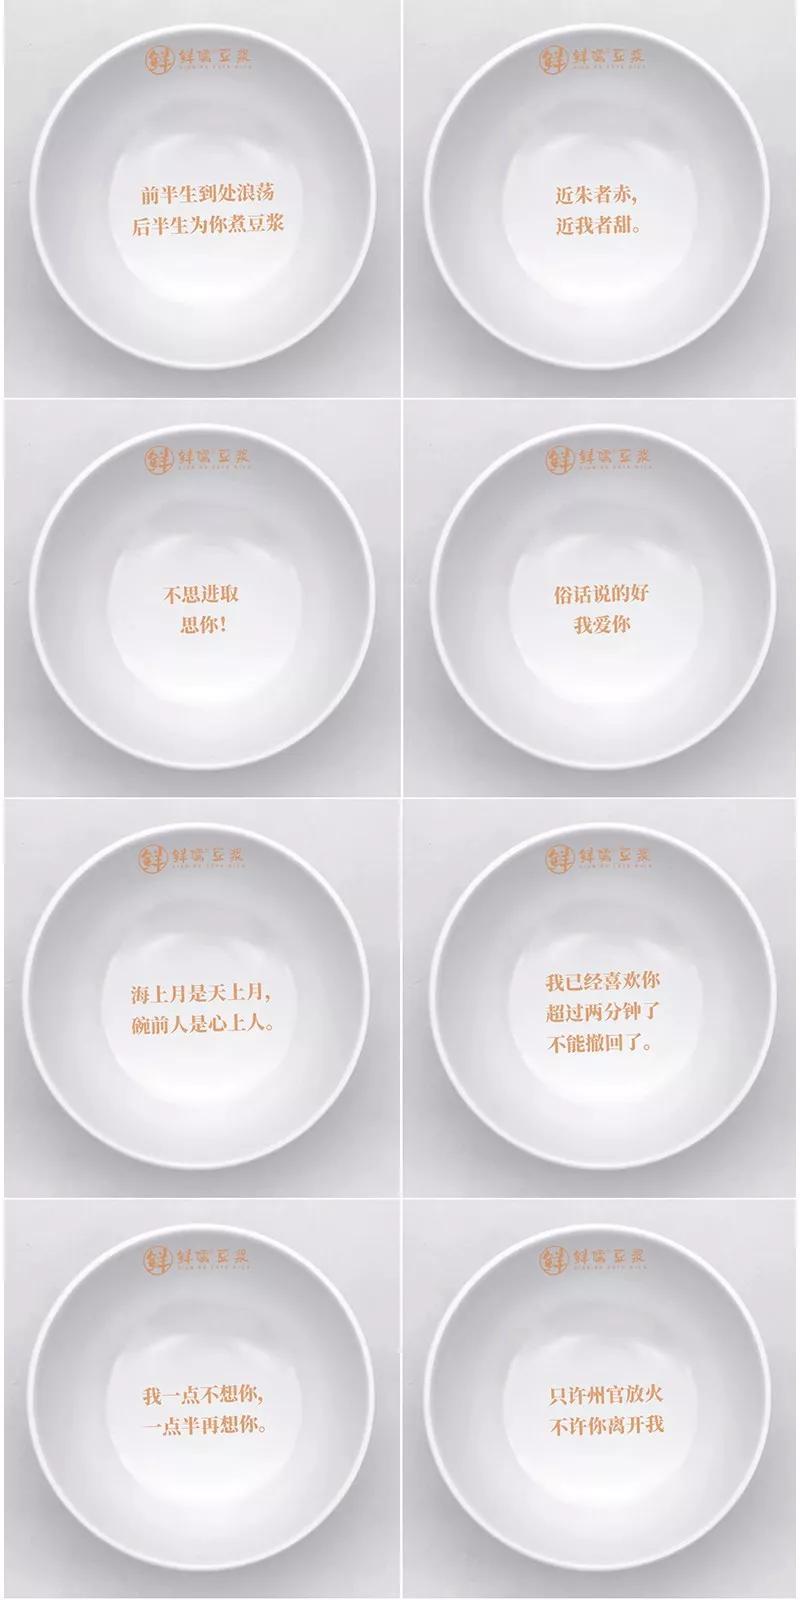 豆浆加盟品牌